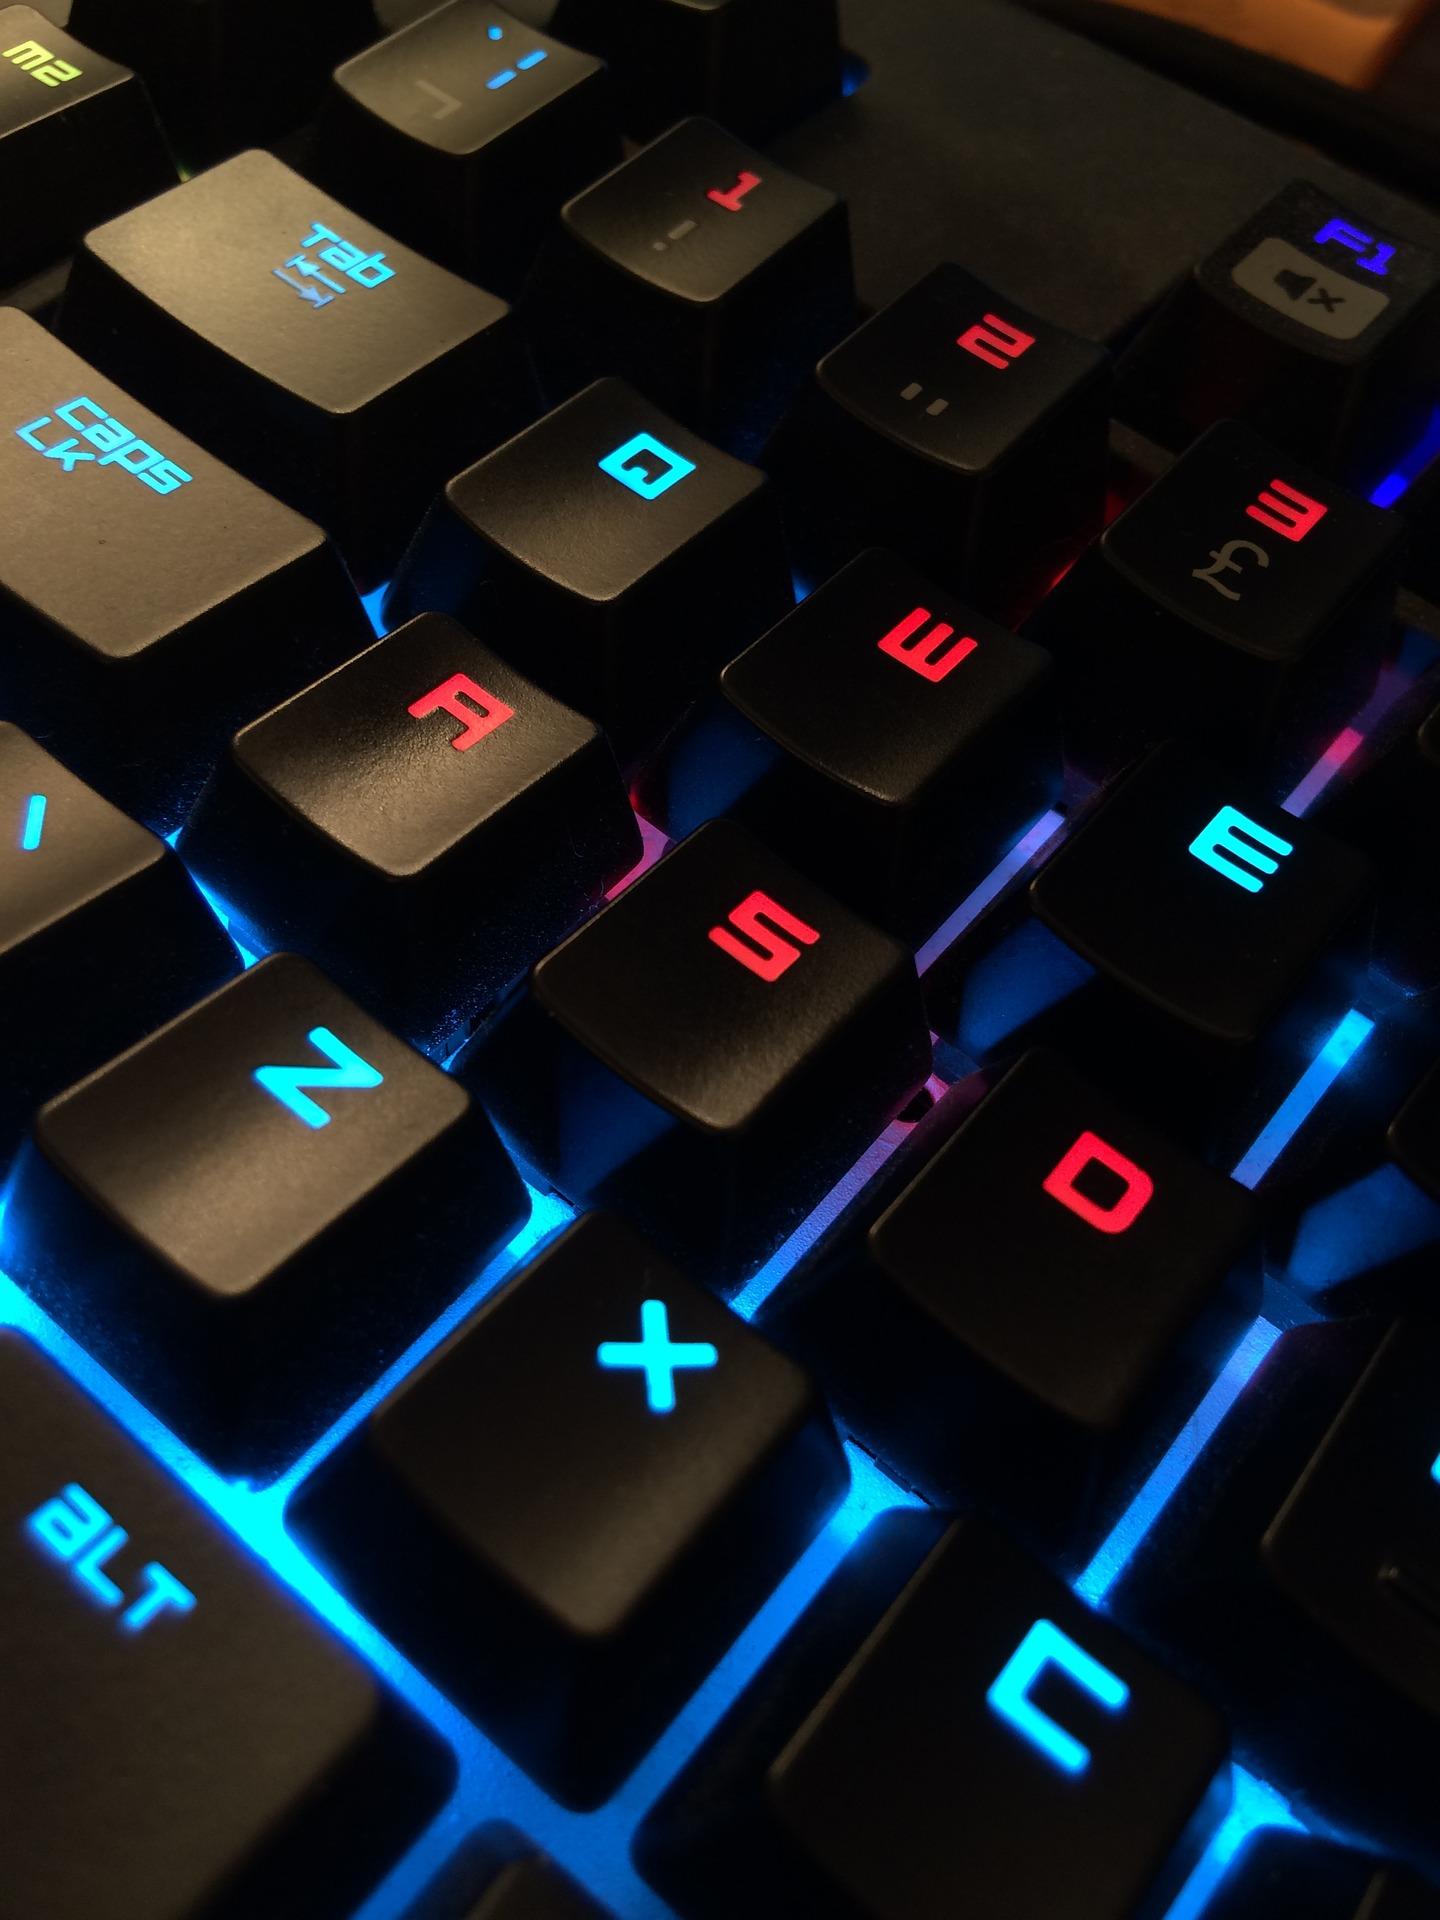 Tastatur-gamer-computer